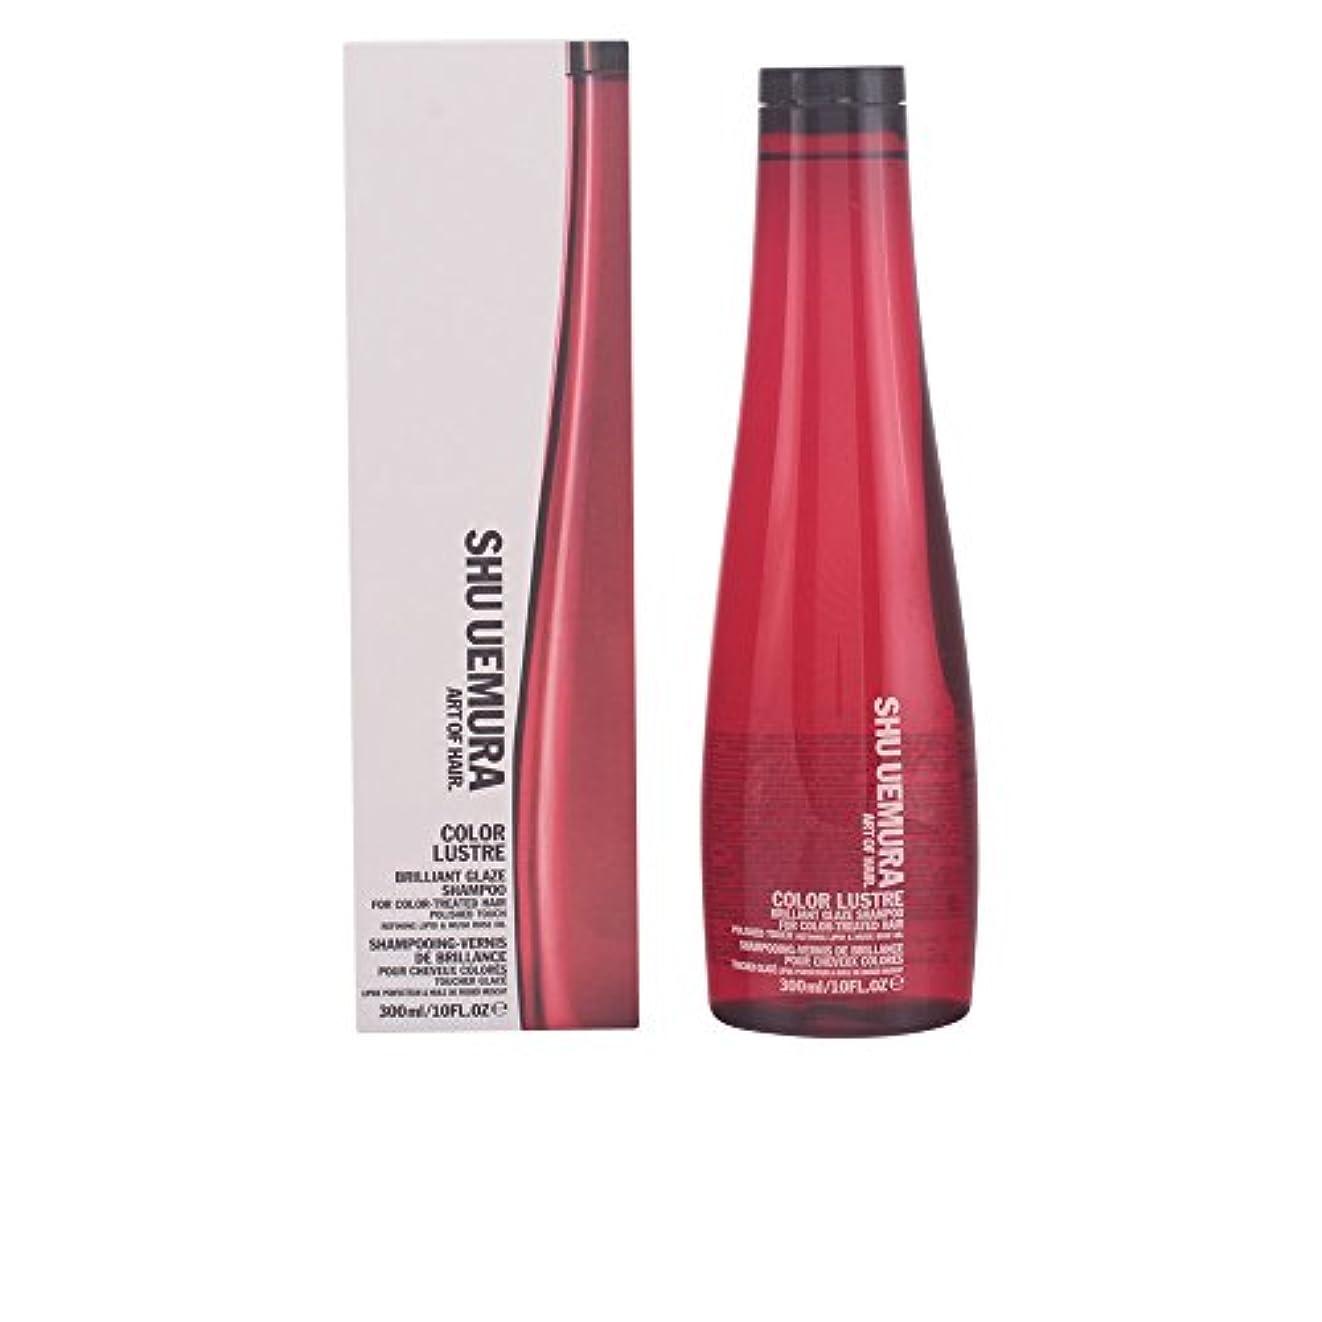 変装した命令認証Color Lustre Sulfate-Free Brilliant Glaze Shampoo (For Color-Treated Hair)[並行輸入品]